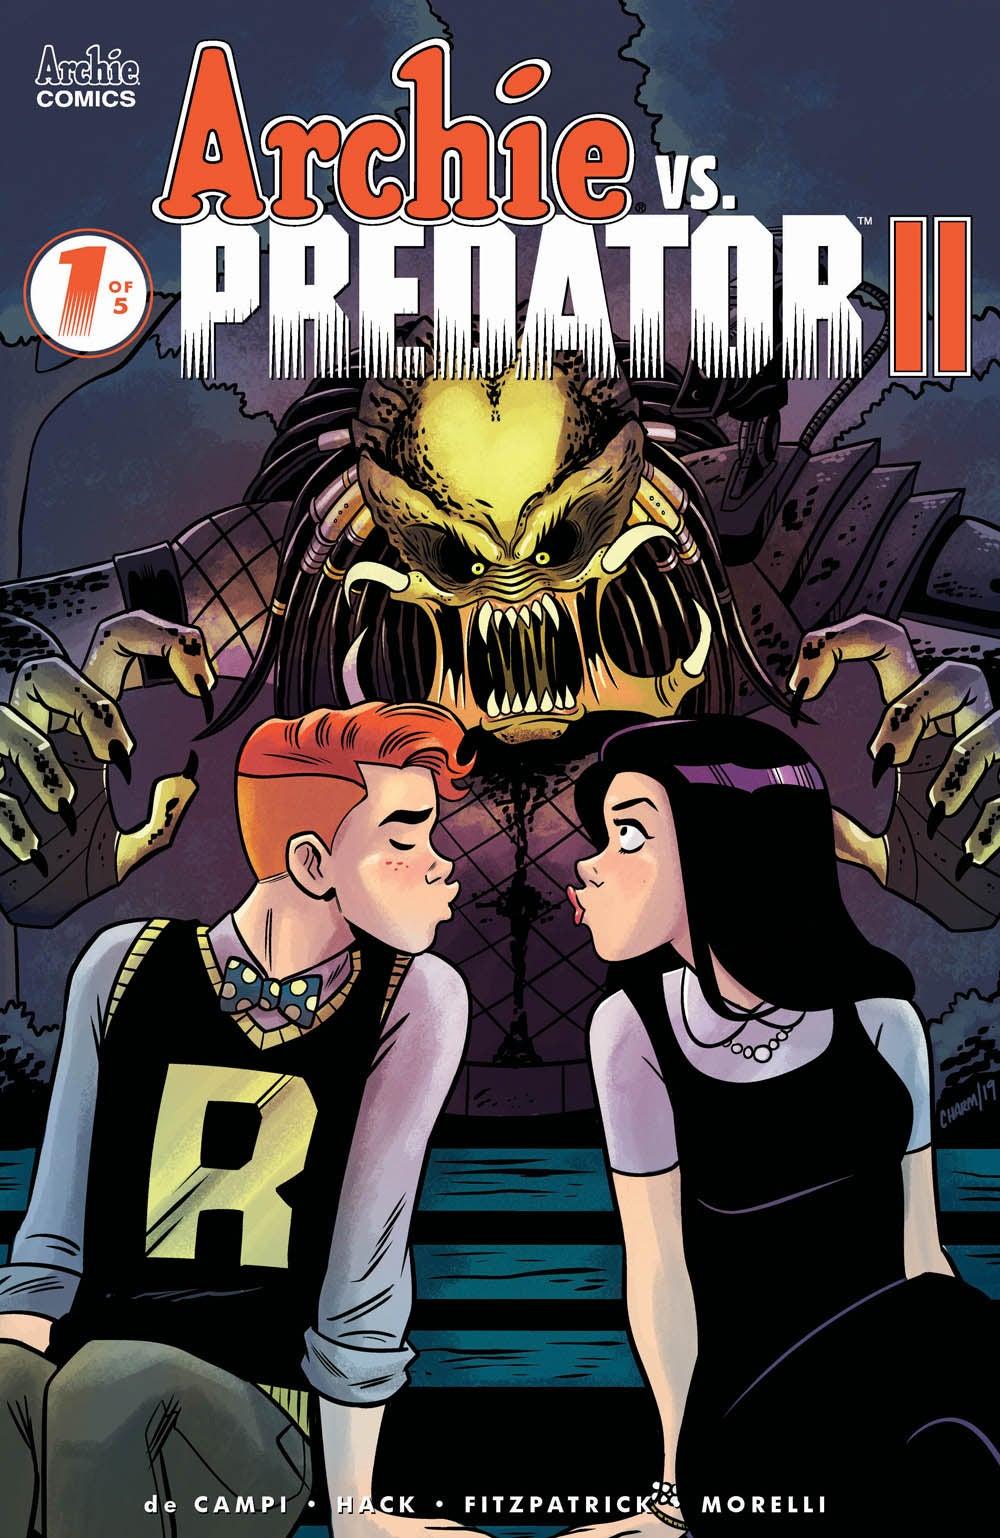 Image: Derek Charm, Archie Comics